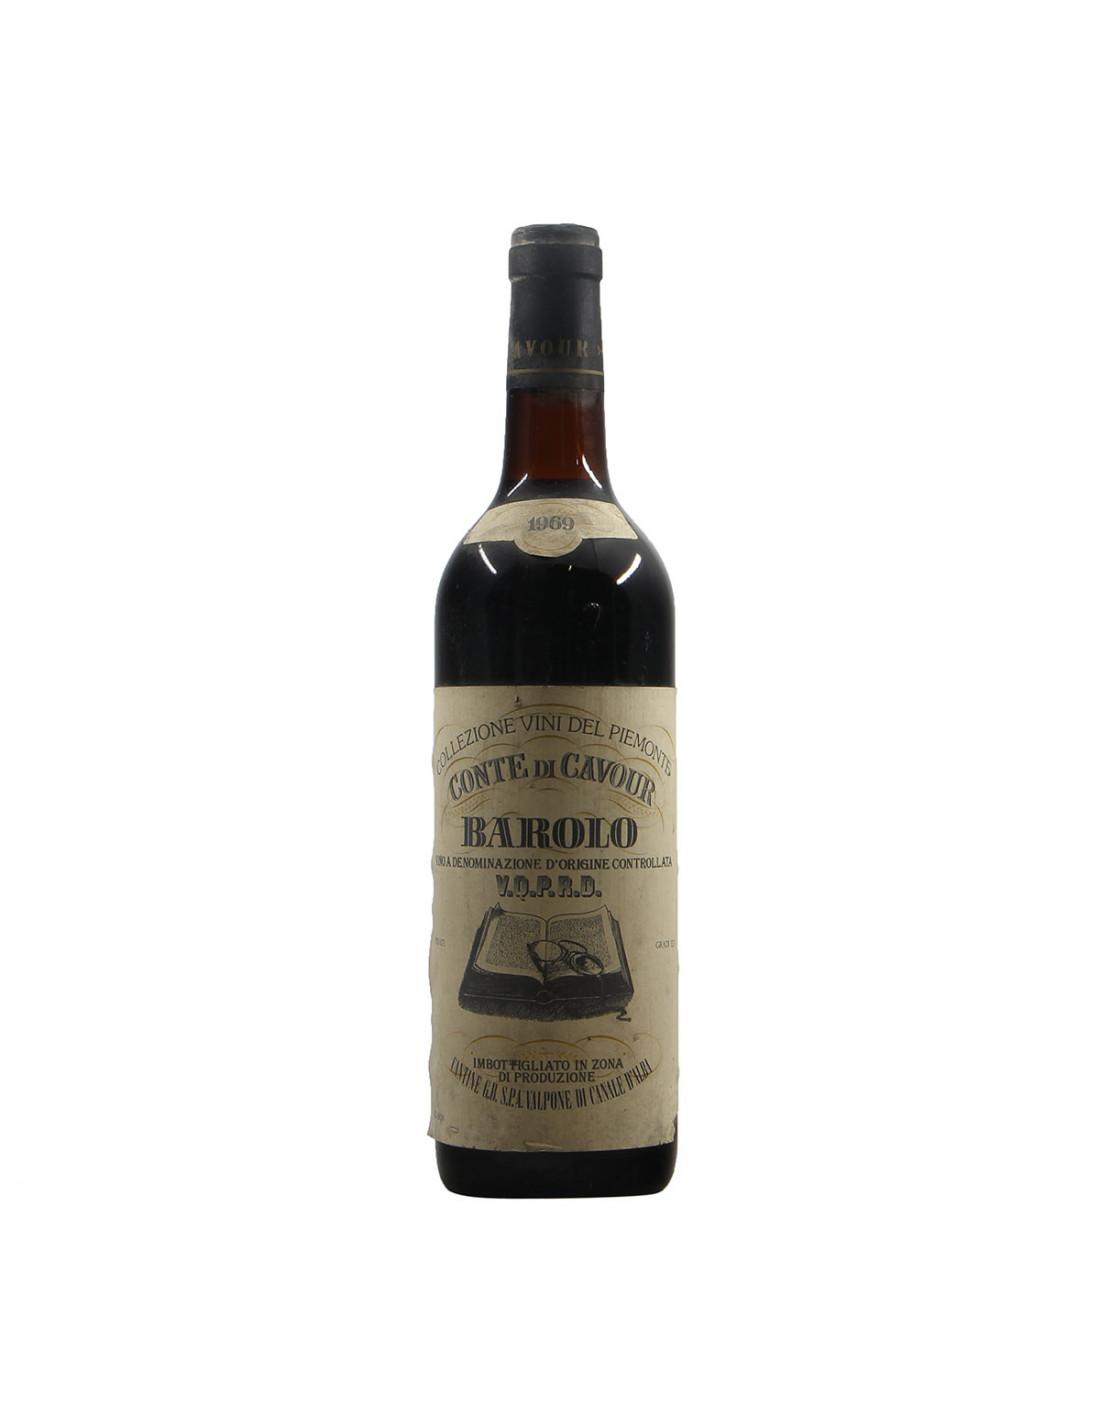 Conte di Cavour Barolo 1969 Grandi Bottiglie